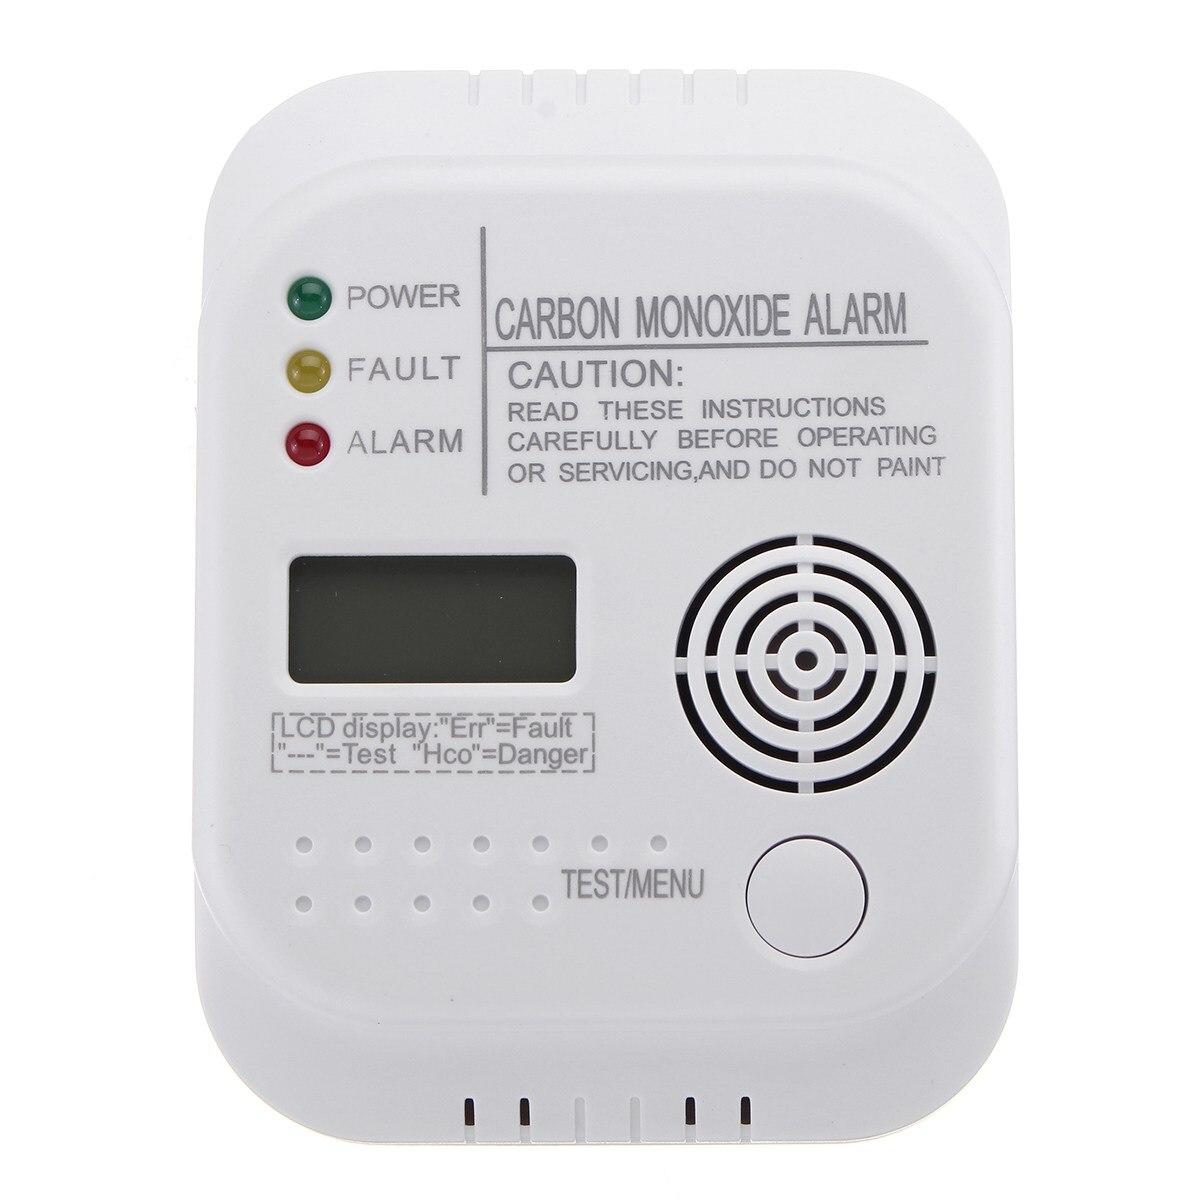 Новый детектор угарного газа CO цифровой сигнализации с ЖК экраном для домашней